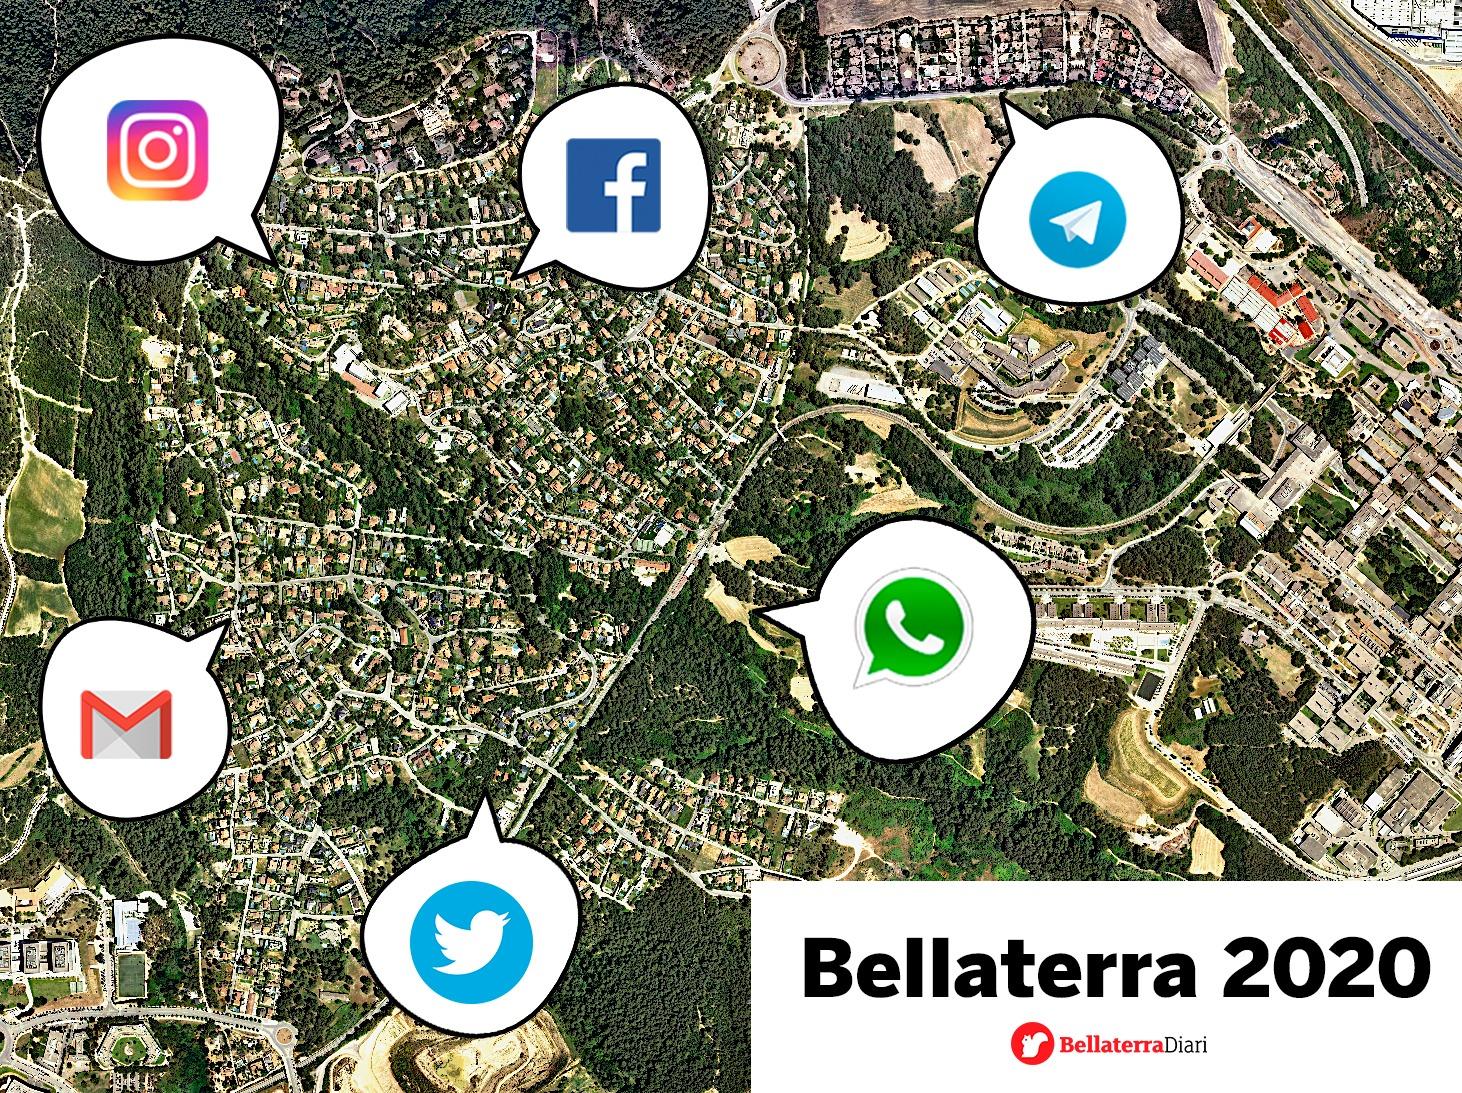 Connectem Bellaterra a través de 6 canals digitals diferents | Redacció